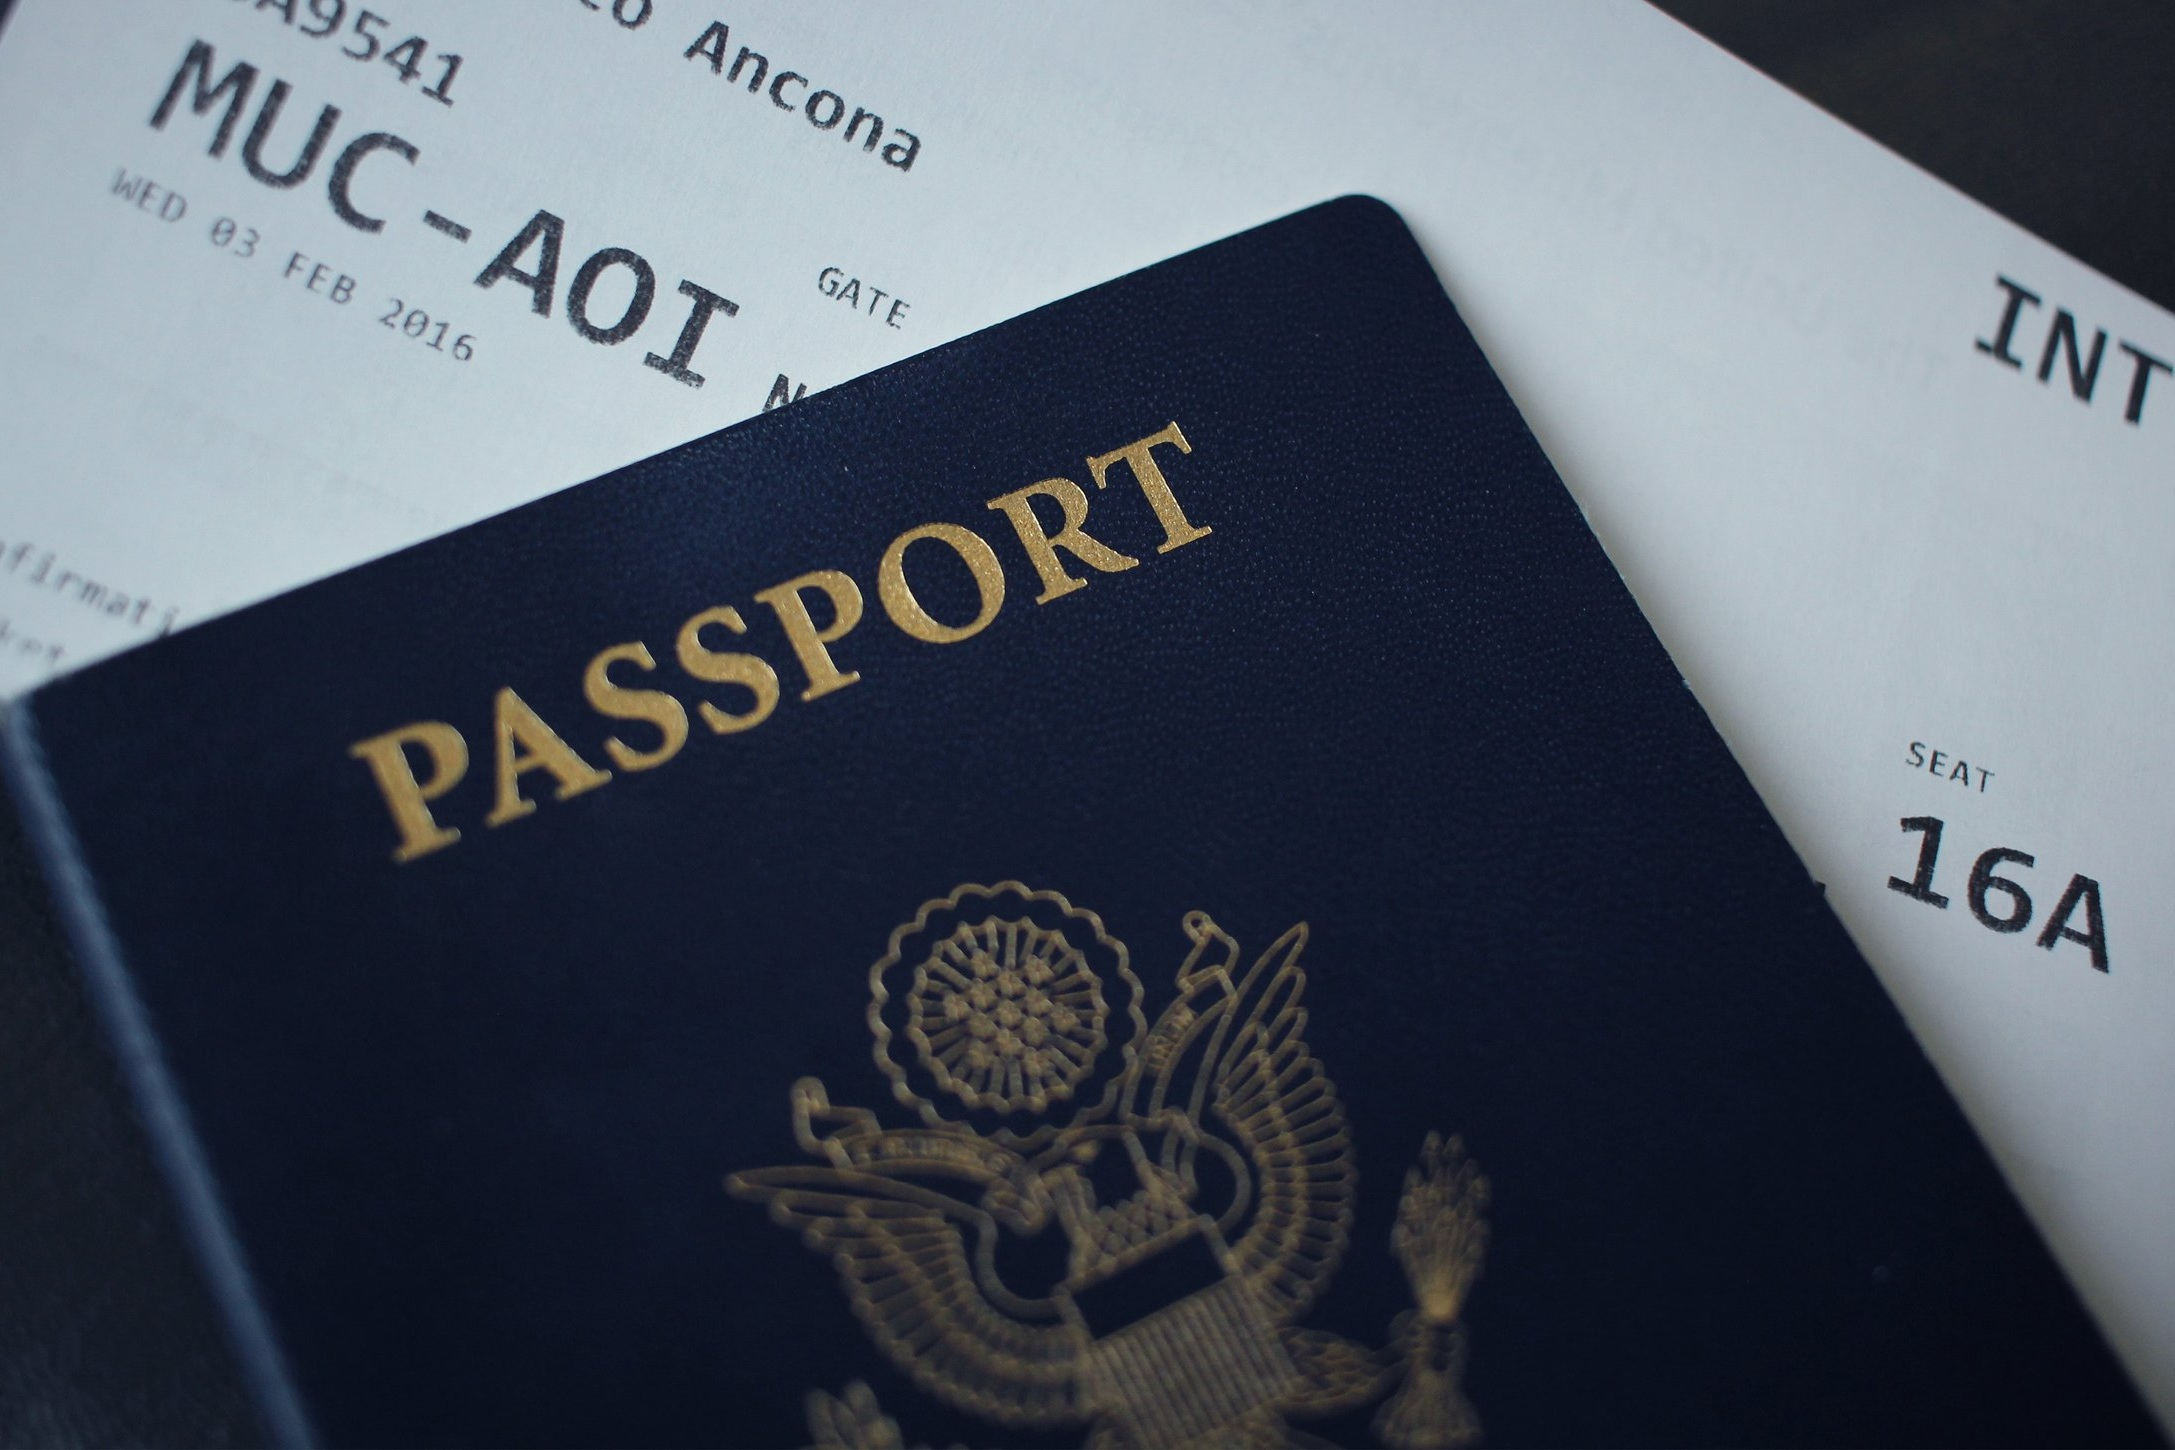 INFOS & GUIDE - Informationen rund um die Reise und kleine Tipps fürs Reisen findest du in meinem Guide.